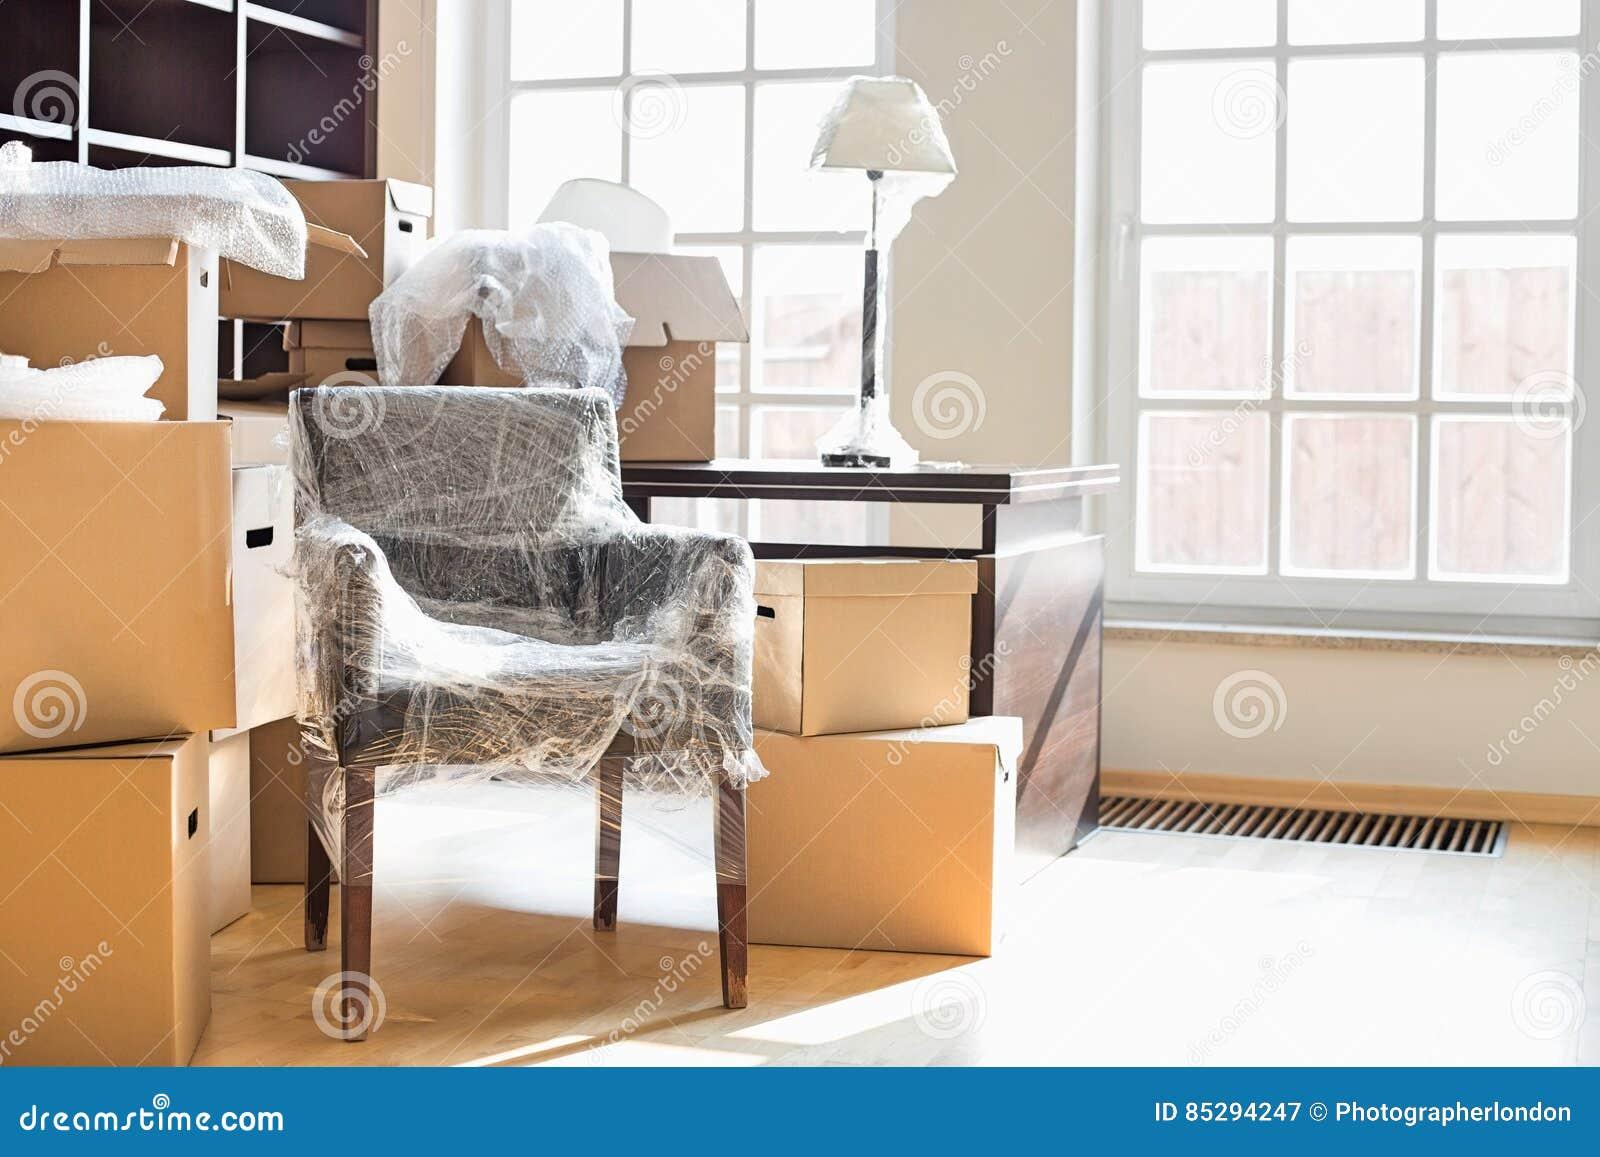 Cajas Y Muebles M Viles En Nuevo Hogar Imagen De Archivo Imagen  # Muebles Nuevo Hogar